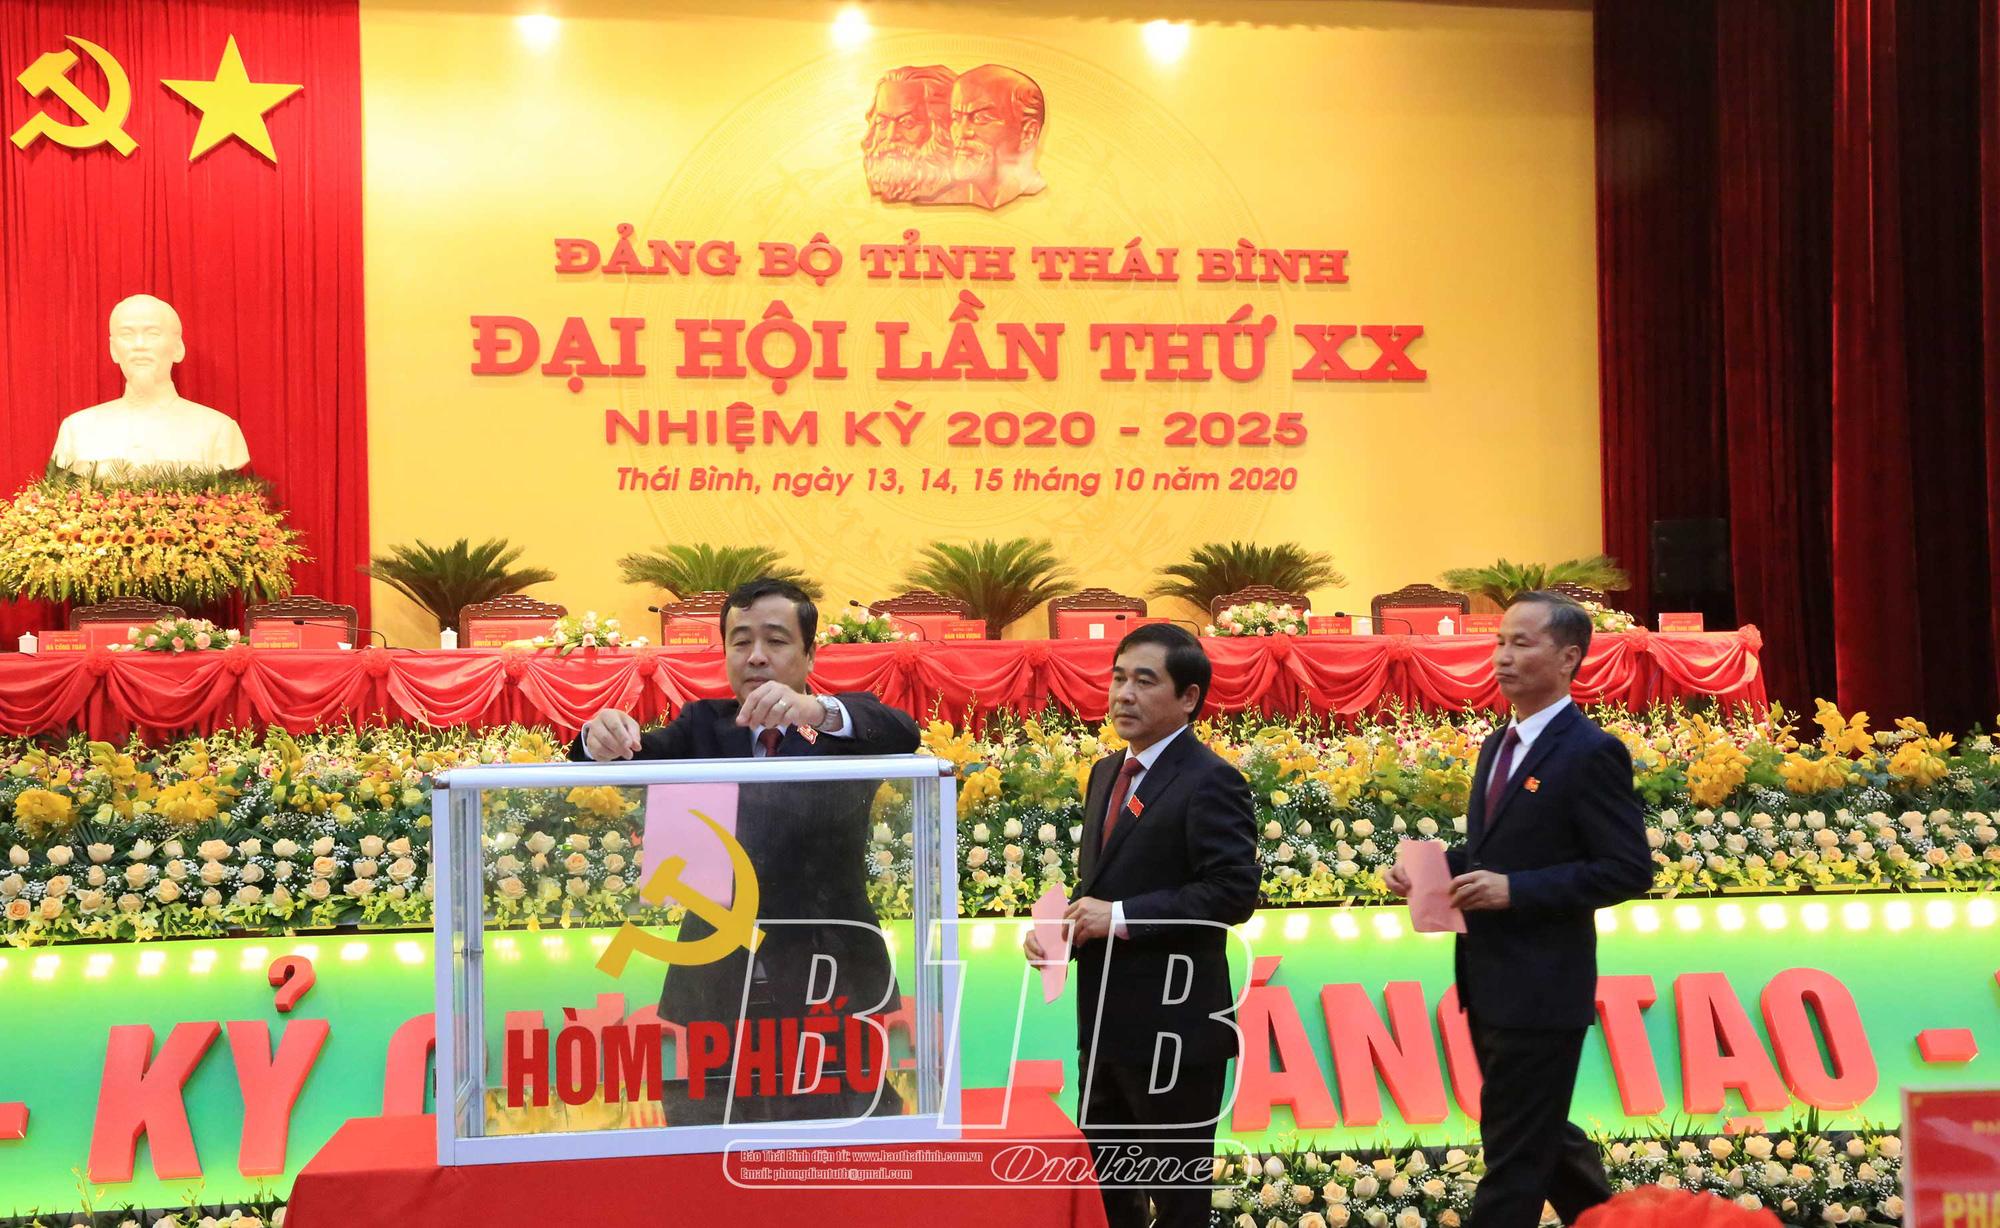 Đại hội Đảng bộ Thái Bình: Bầu 1 lần đủ số nhân sự Ban Chấp hành khóa mới  - Ảnh 1.